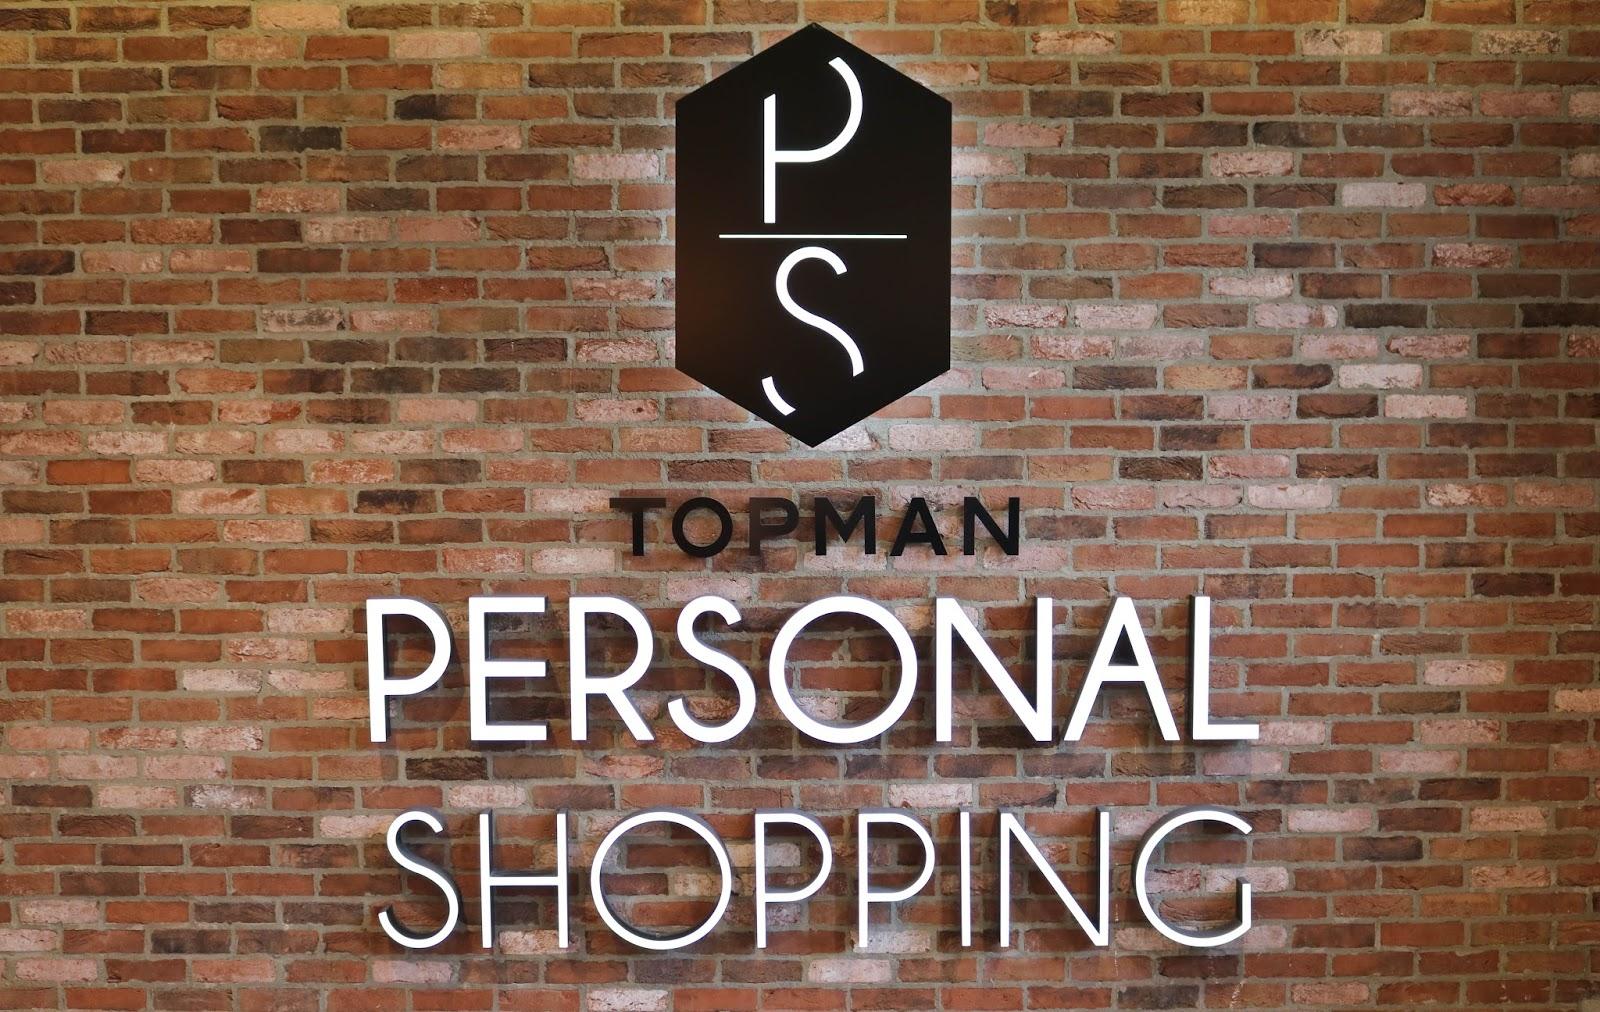 Topman Personal Shopping